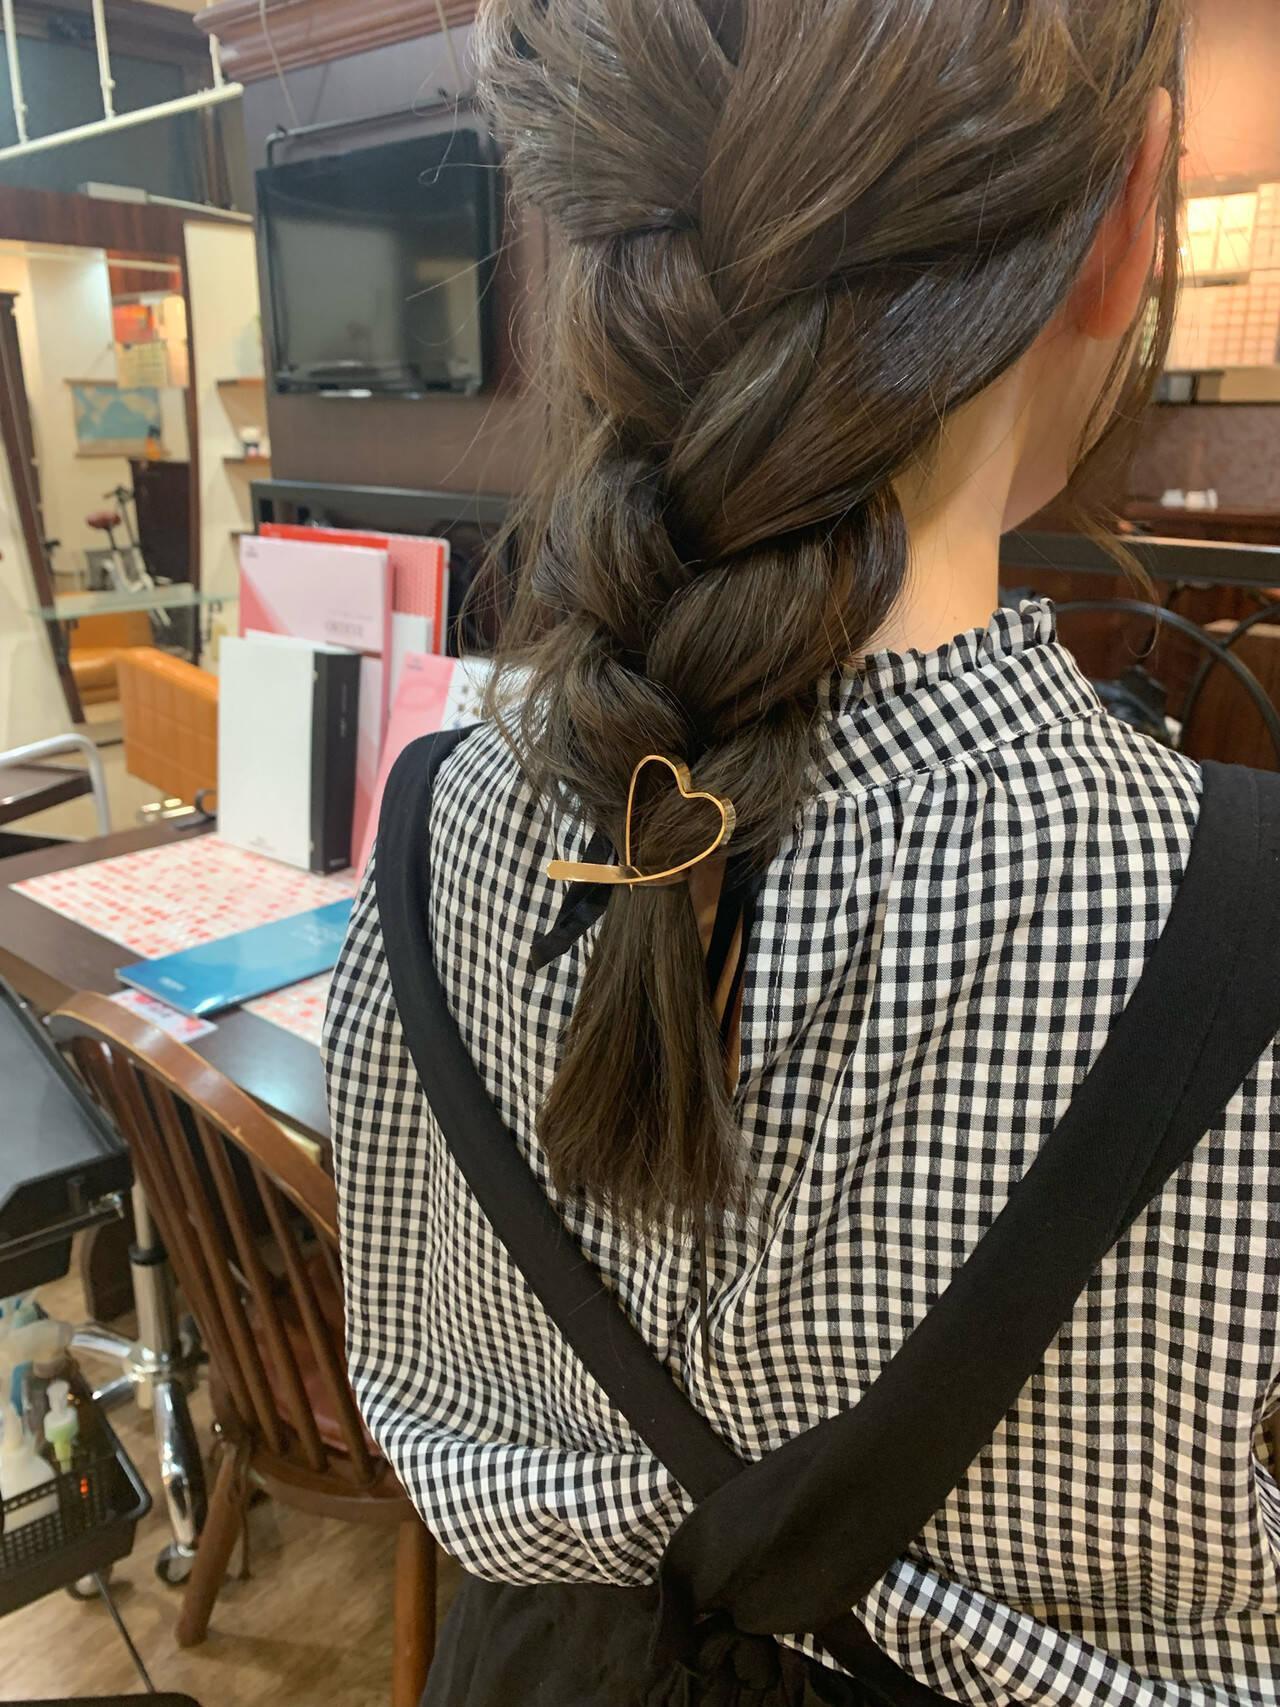 お呼ばれヘア 簡単ヘアアレンジ 編みおろし 編みおろしヘアヘアスタイルや髪型の写真・画像